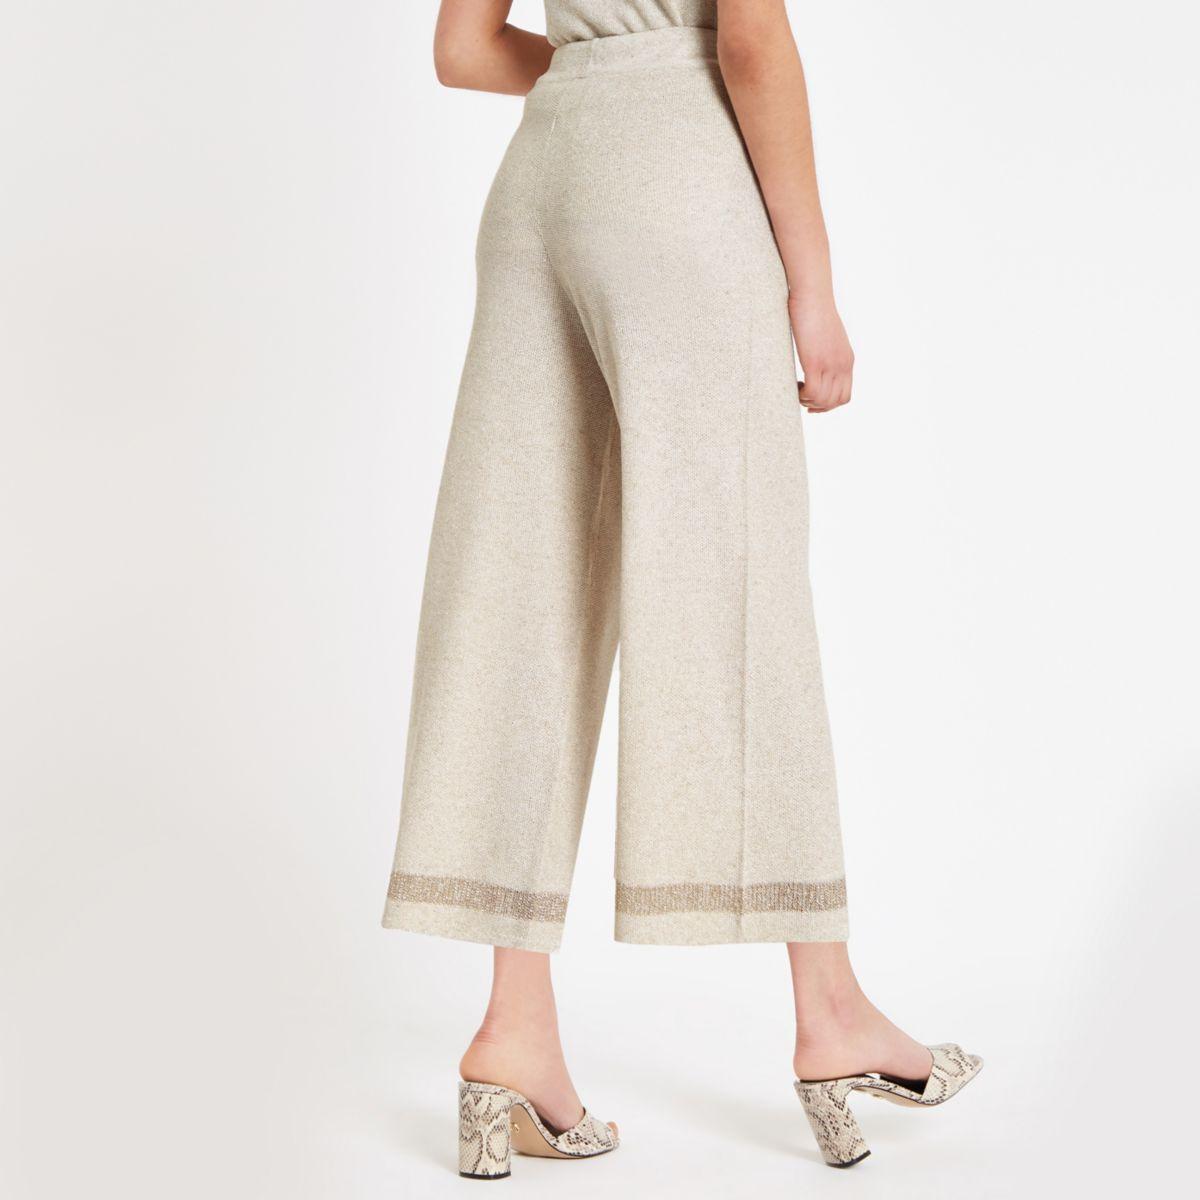 Beige glitter wide leg culottes